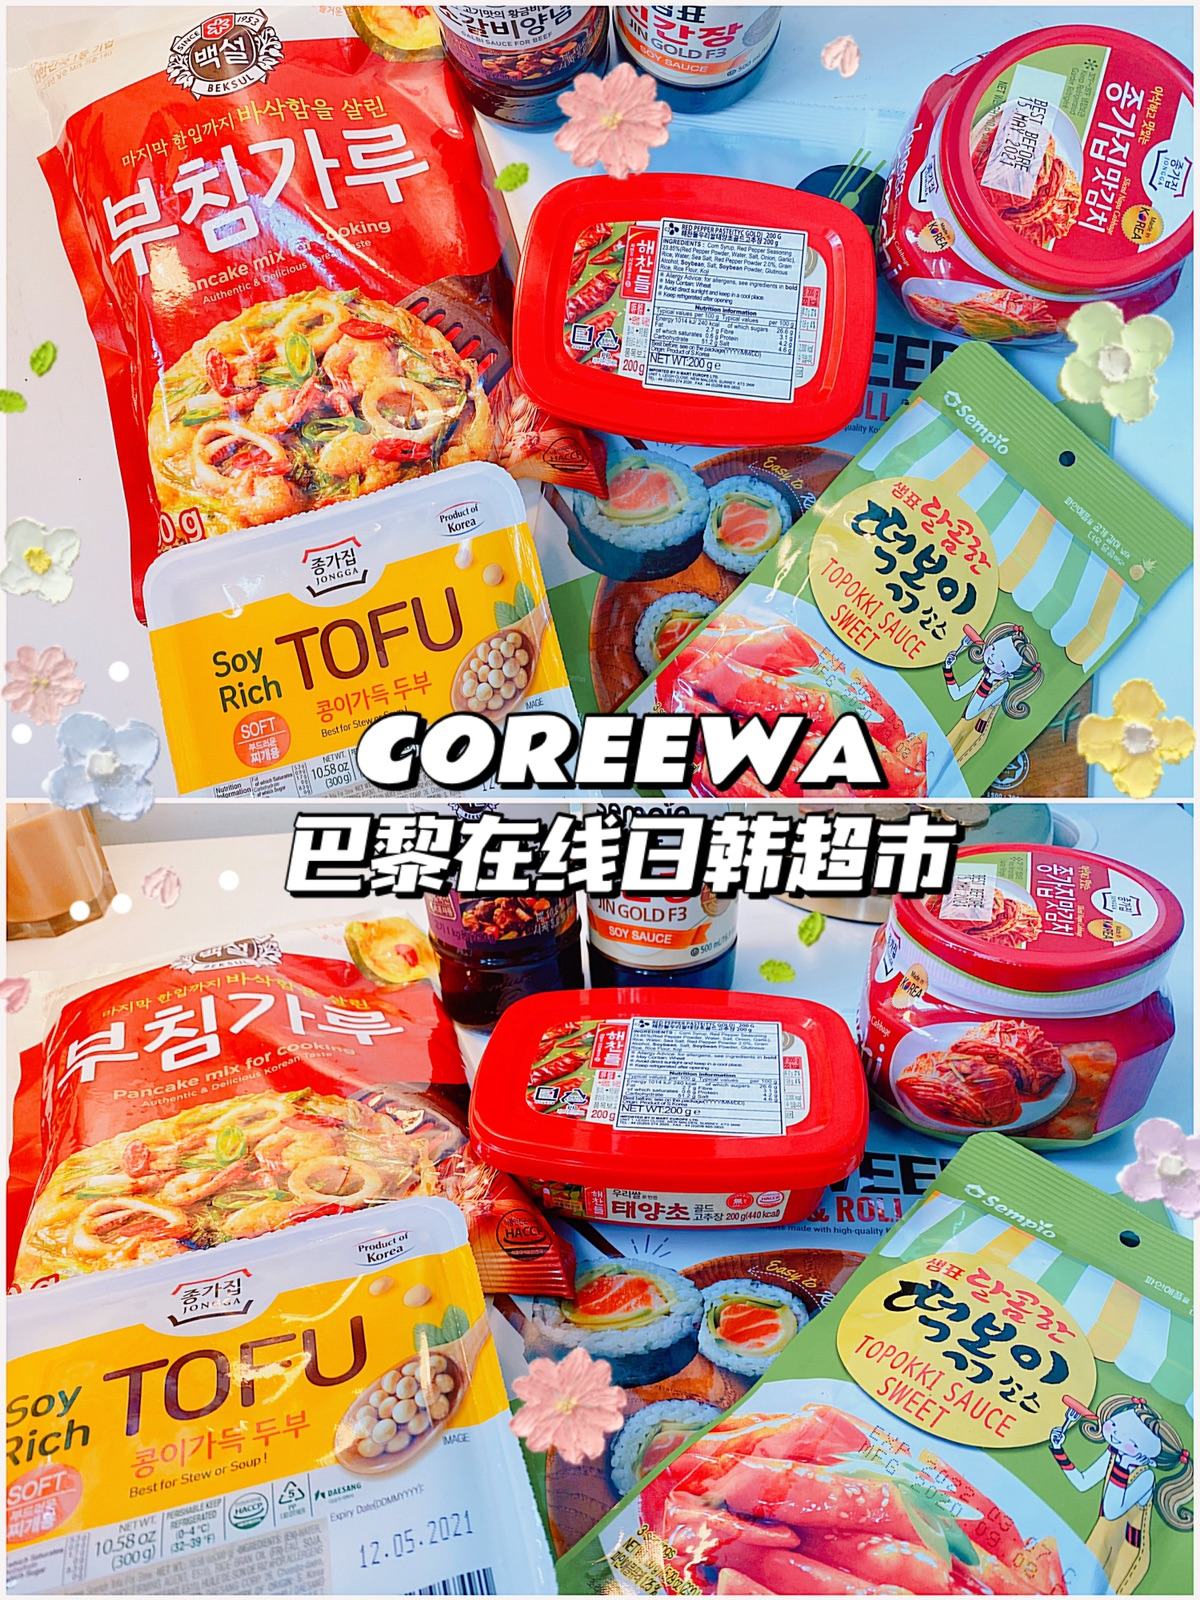 COREEWA 巴黎在线日韩超市🥳